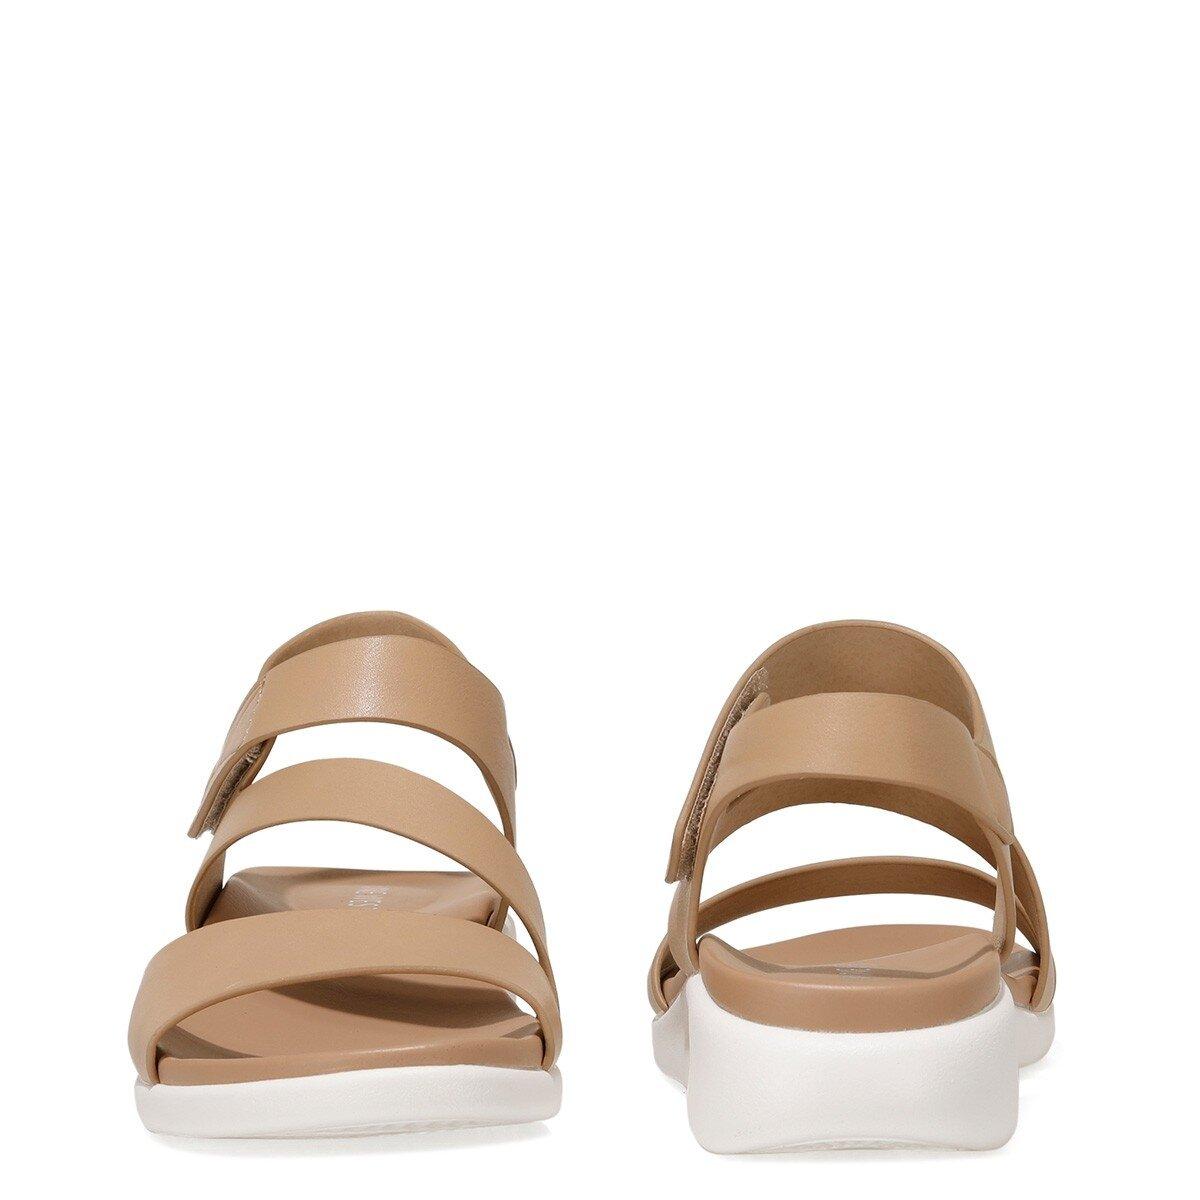 ZIZI 1FX NUDE Kadın Sandalet